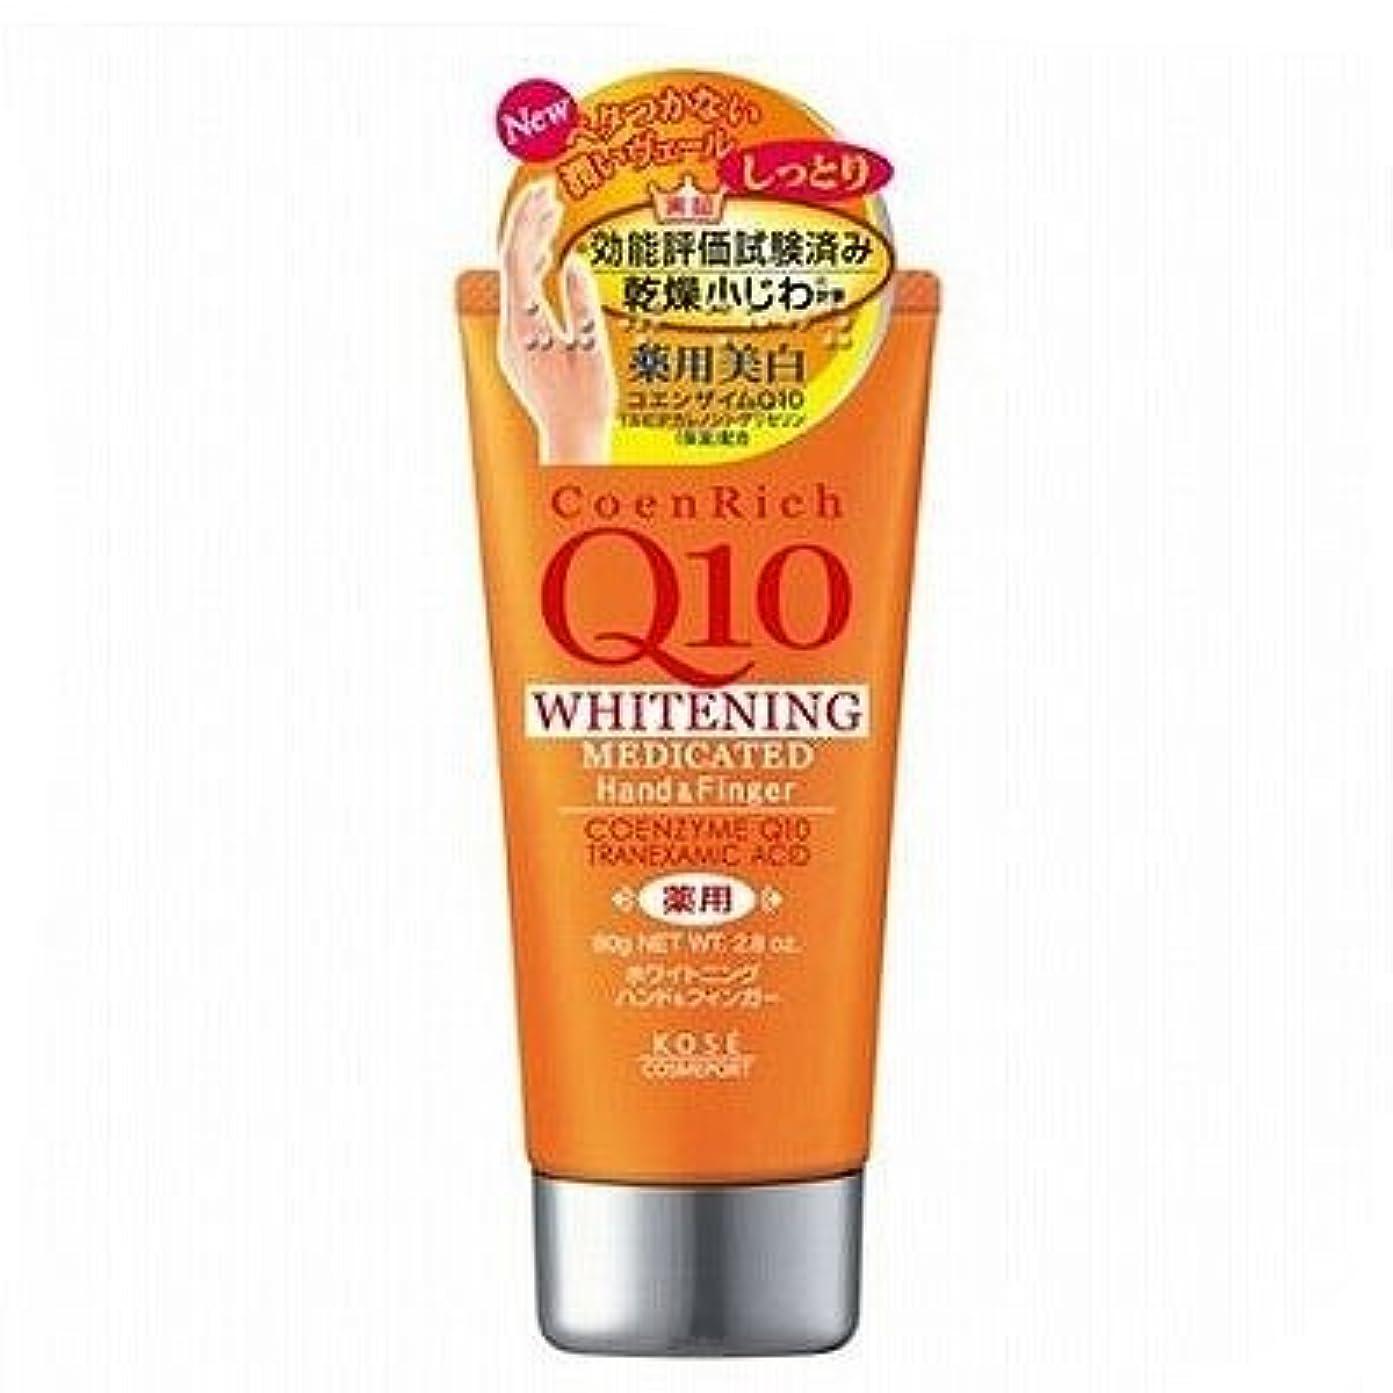 バーター仕様感性【コーセーコスメポート】コエンリッチQ10 ホワイトハンドクリーム 80g